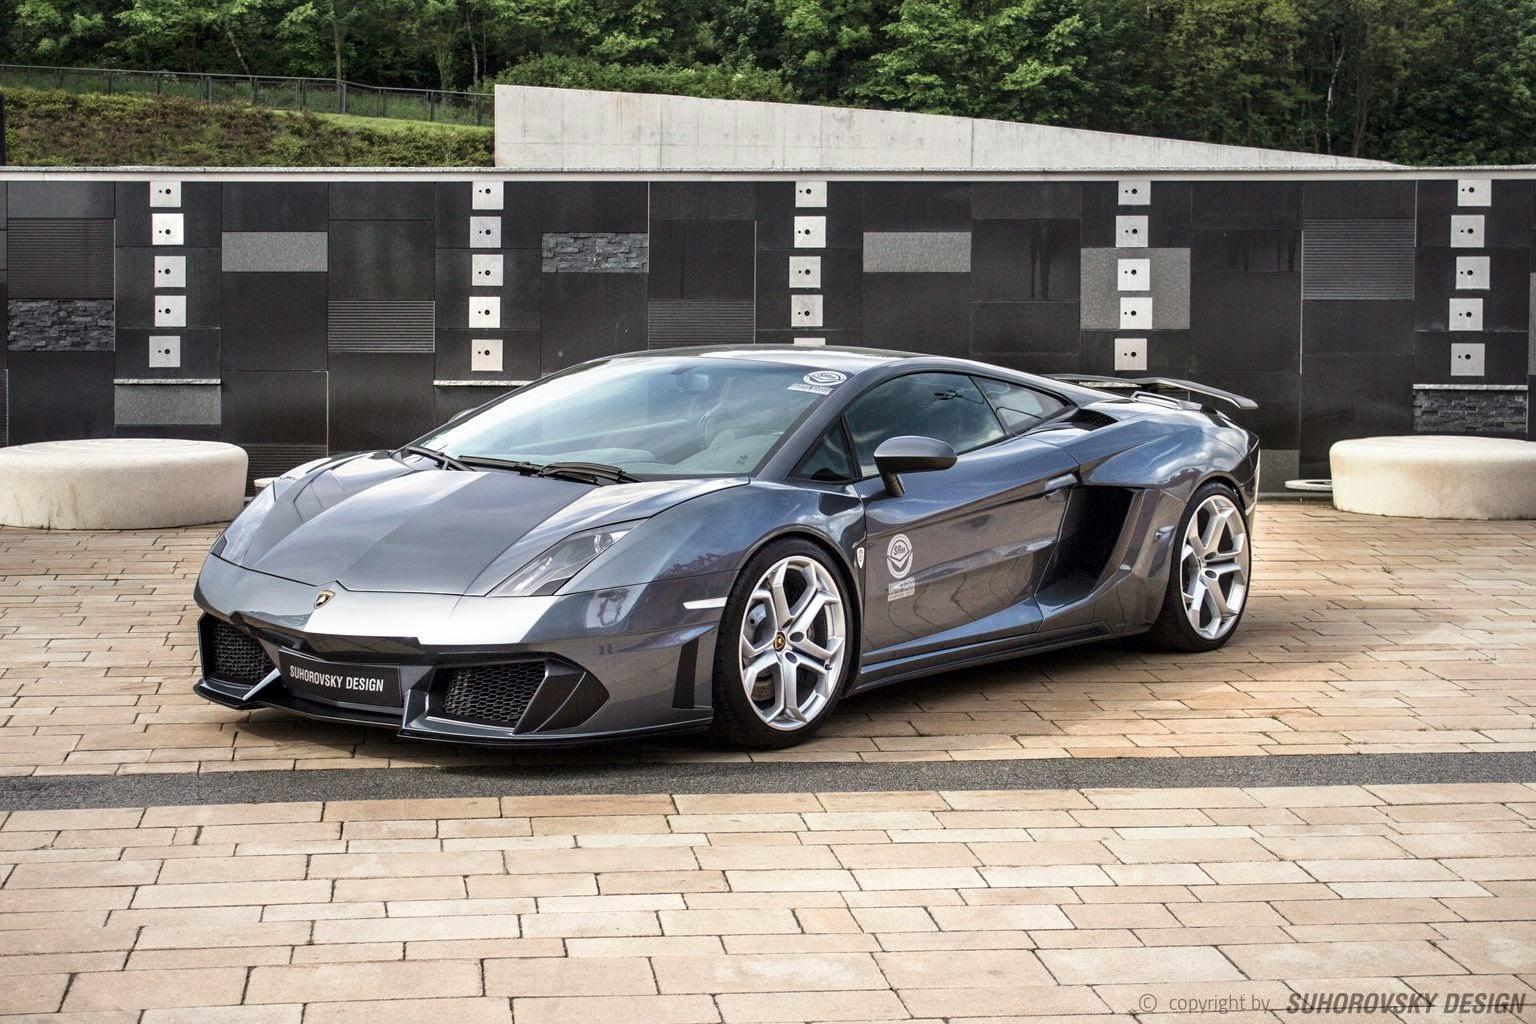 Russian Tuned Lamborghini Gallardo Impersonates The Aventador